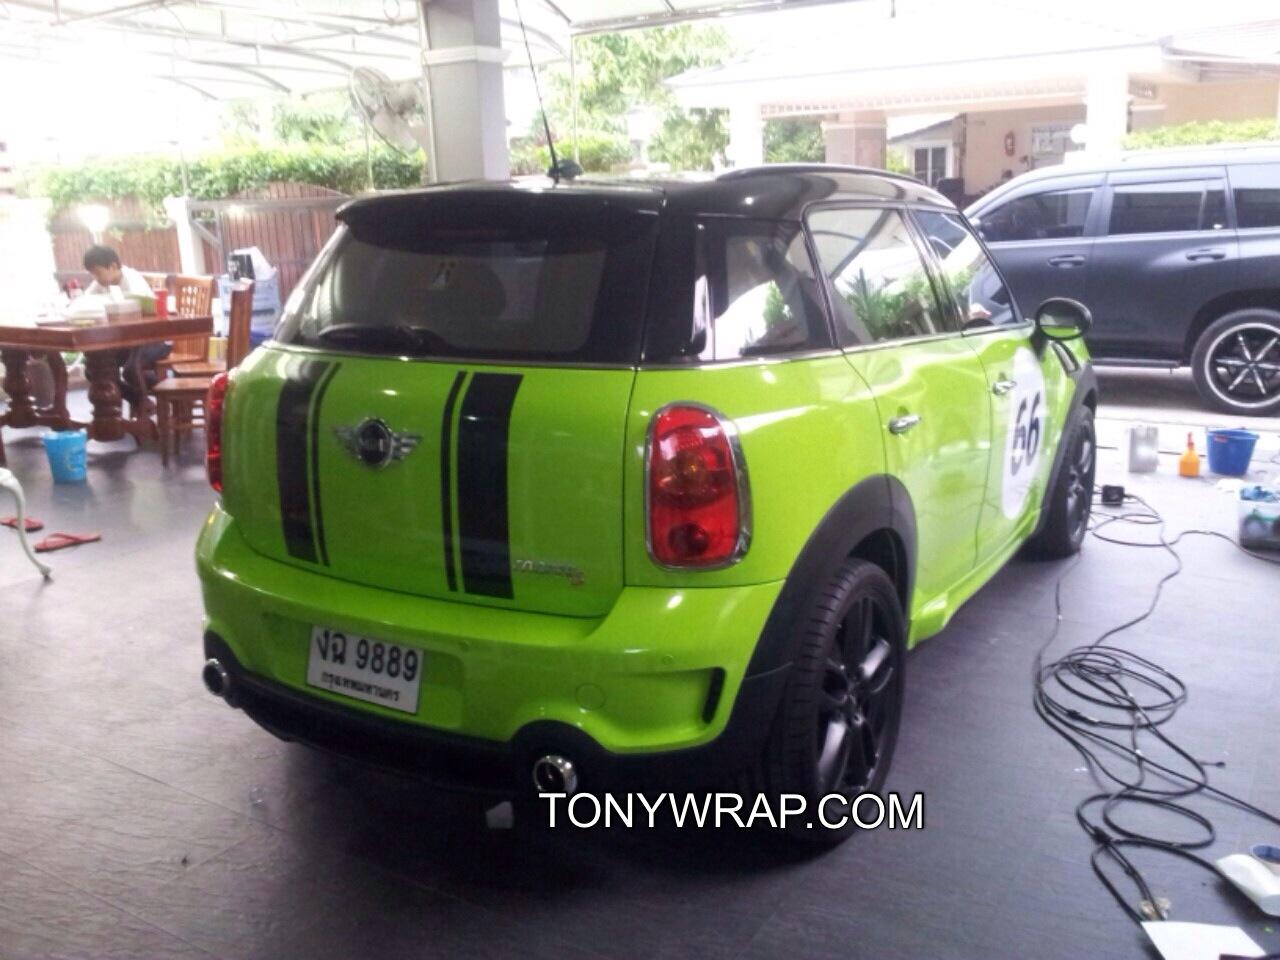 TONY WRAP CAR ฟิล์มเปลี่ยนสีรถ Wrapรถ Car Wrap ราคาพิเศษ  f08f99b0598